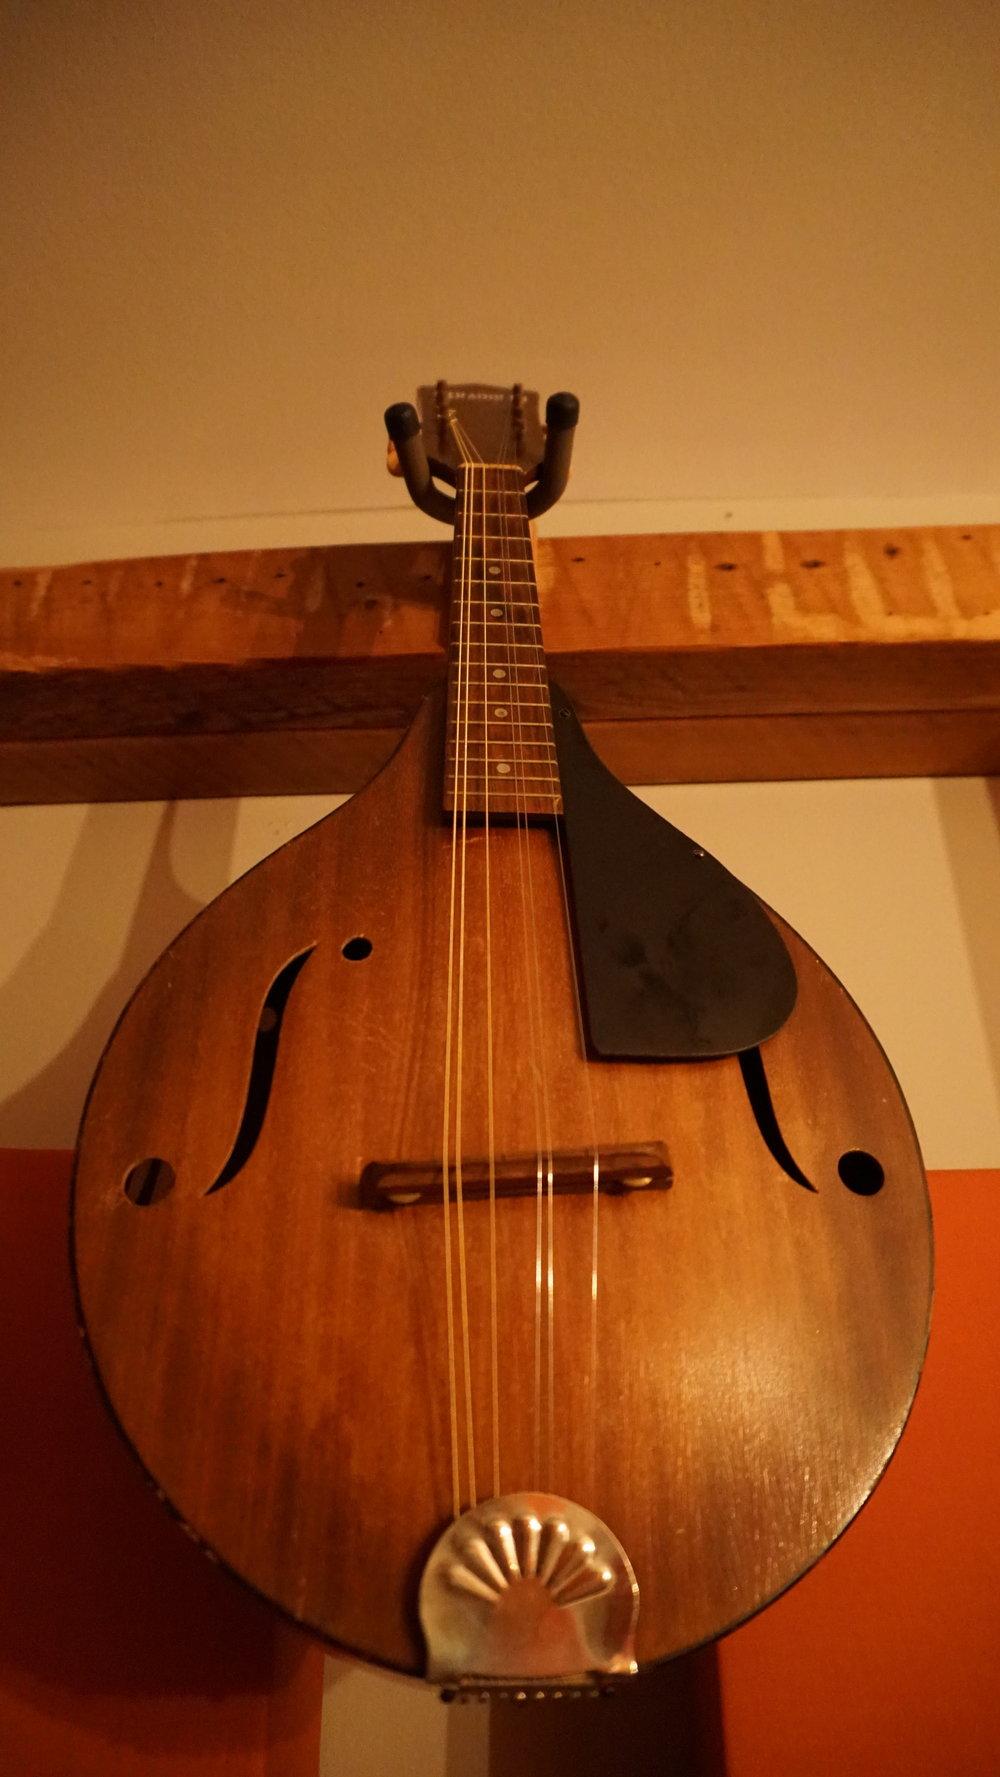 Stradolin mandolin (1940's)